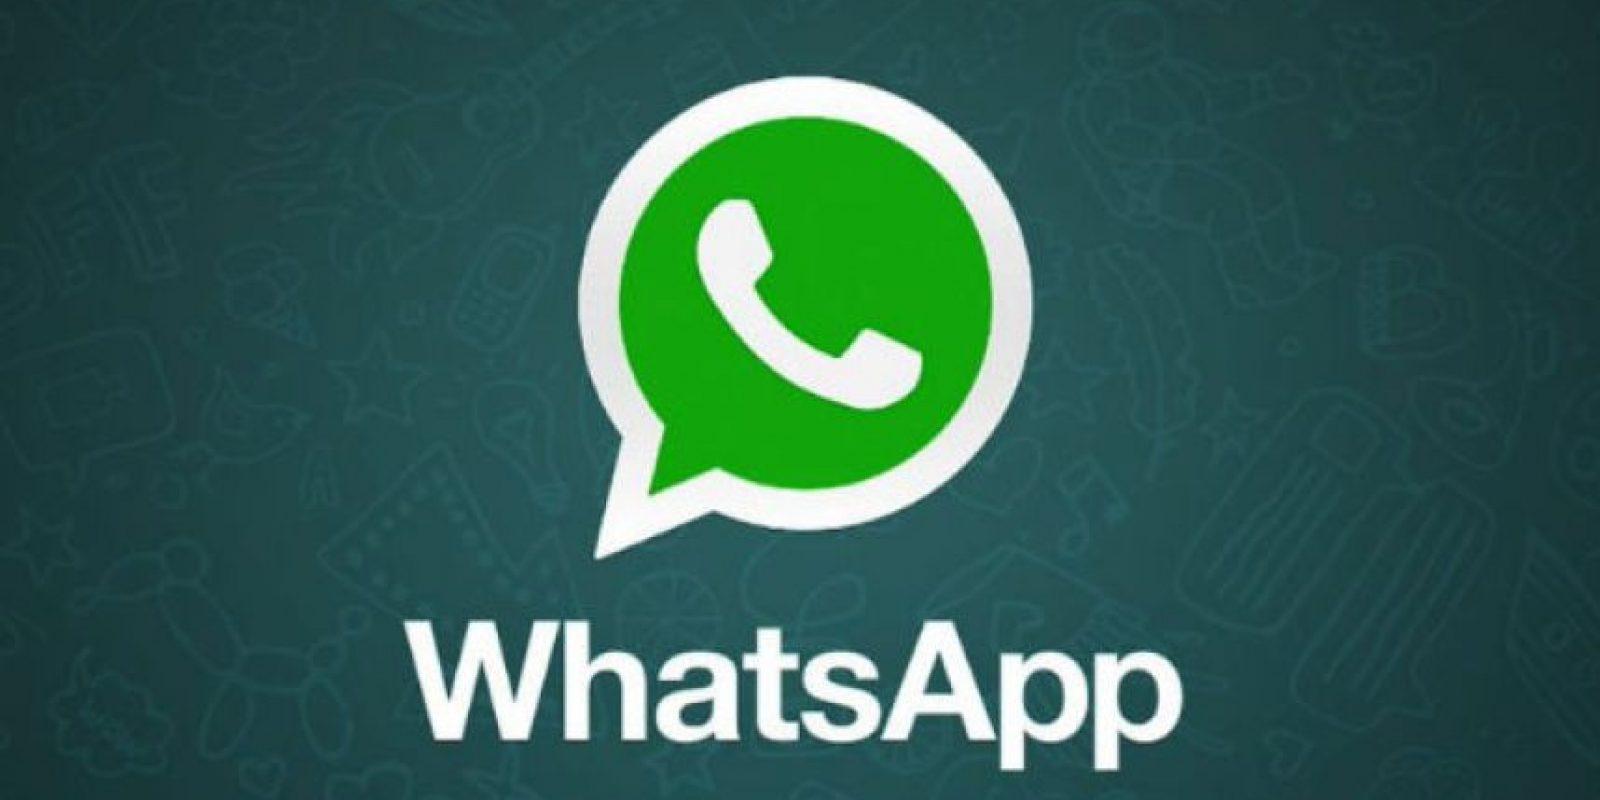 Hoy llegó esta aplicación para el navegador oficial de la manzanita, sin embargo, los usuarios de iPhone aún no podrán utilizar este servicio. Foto:WhatsApp